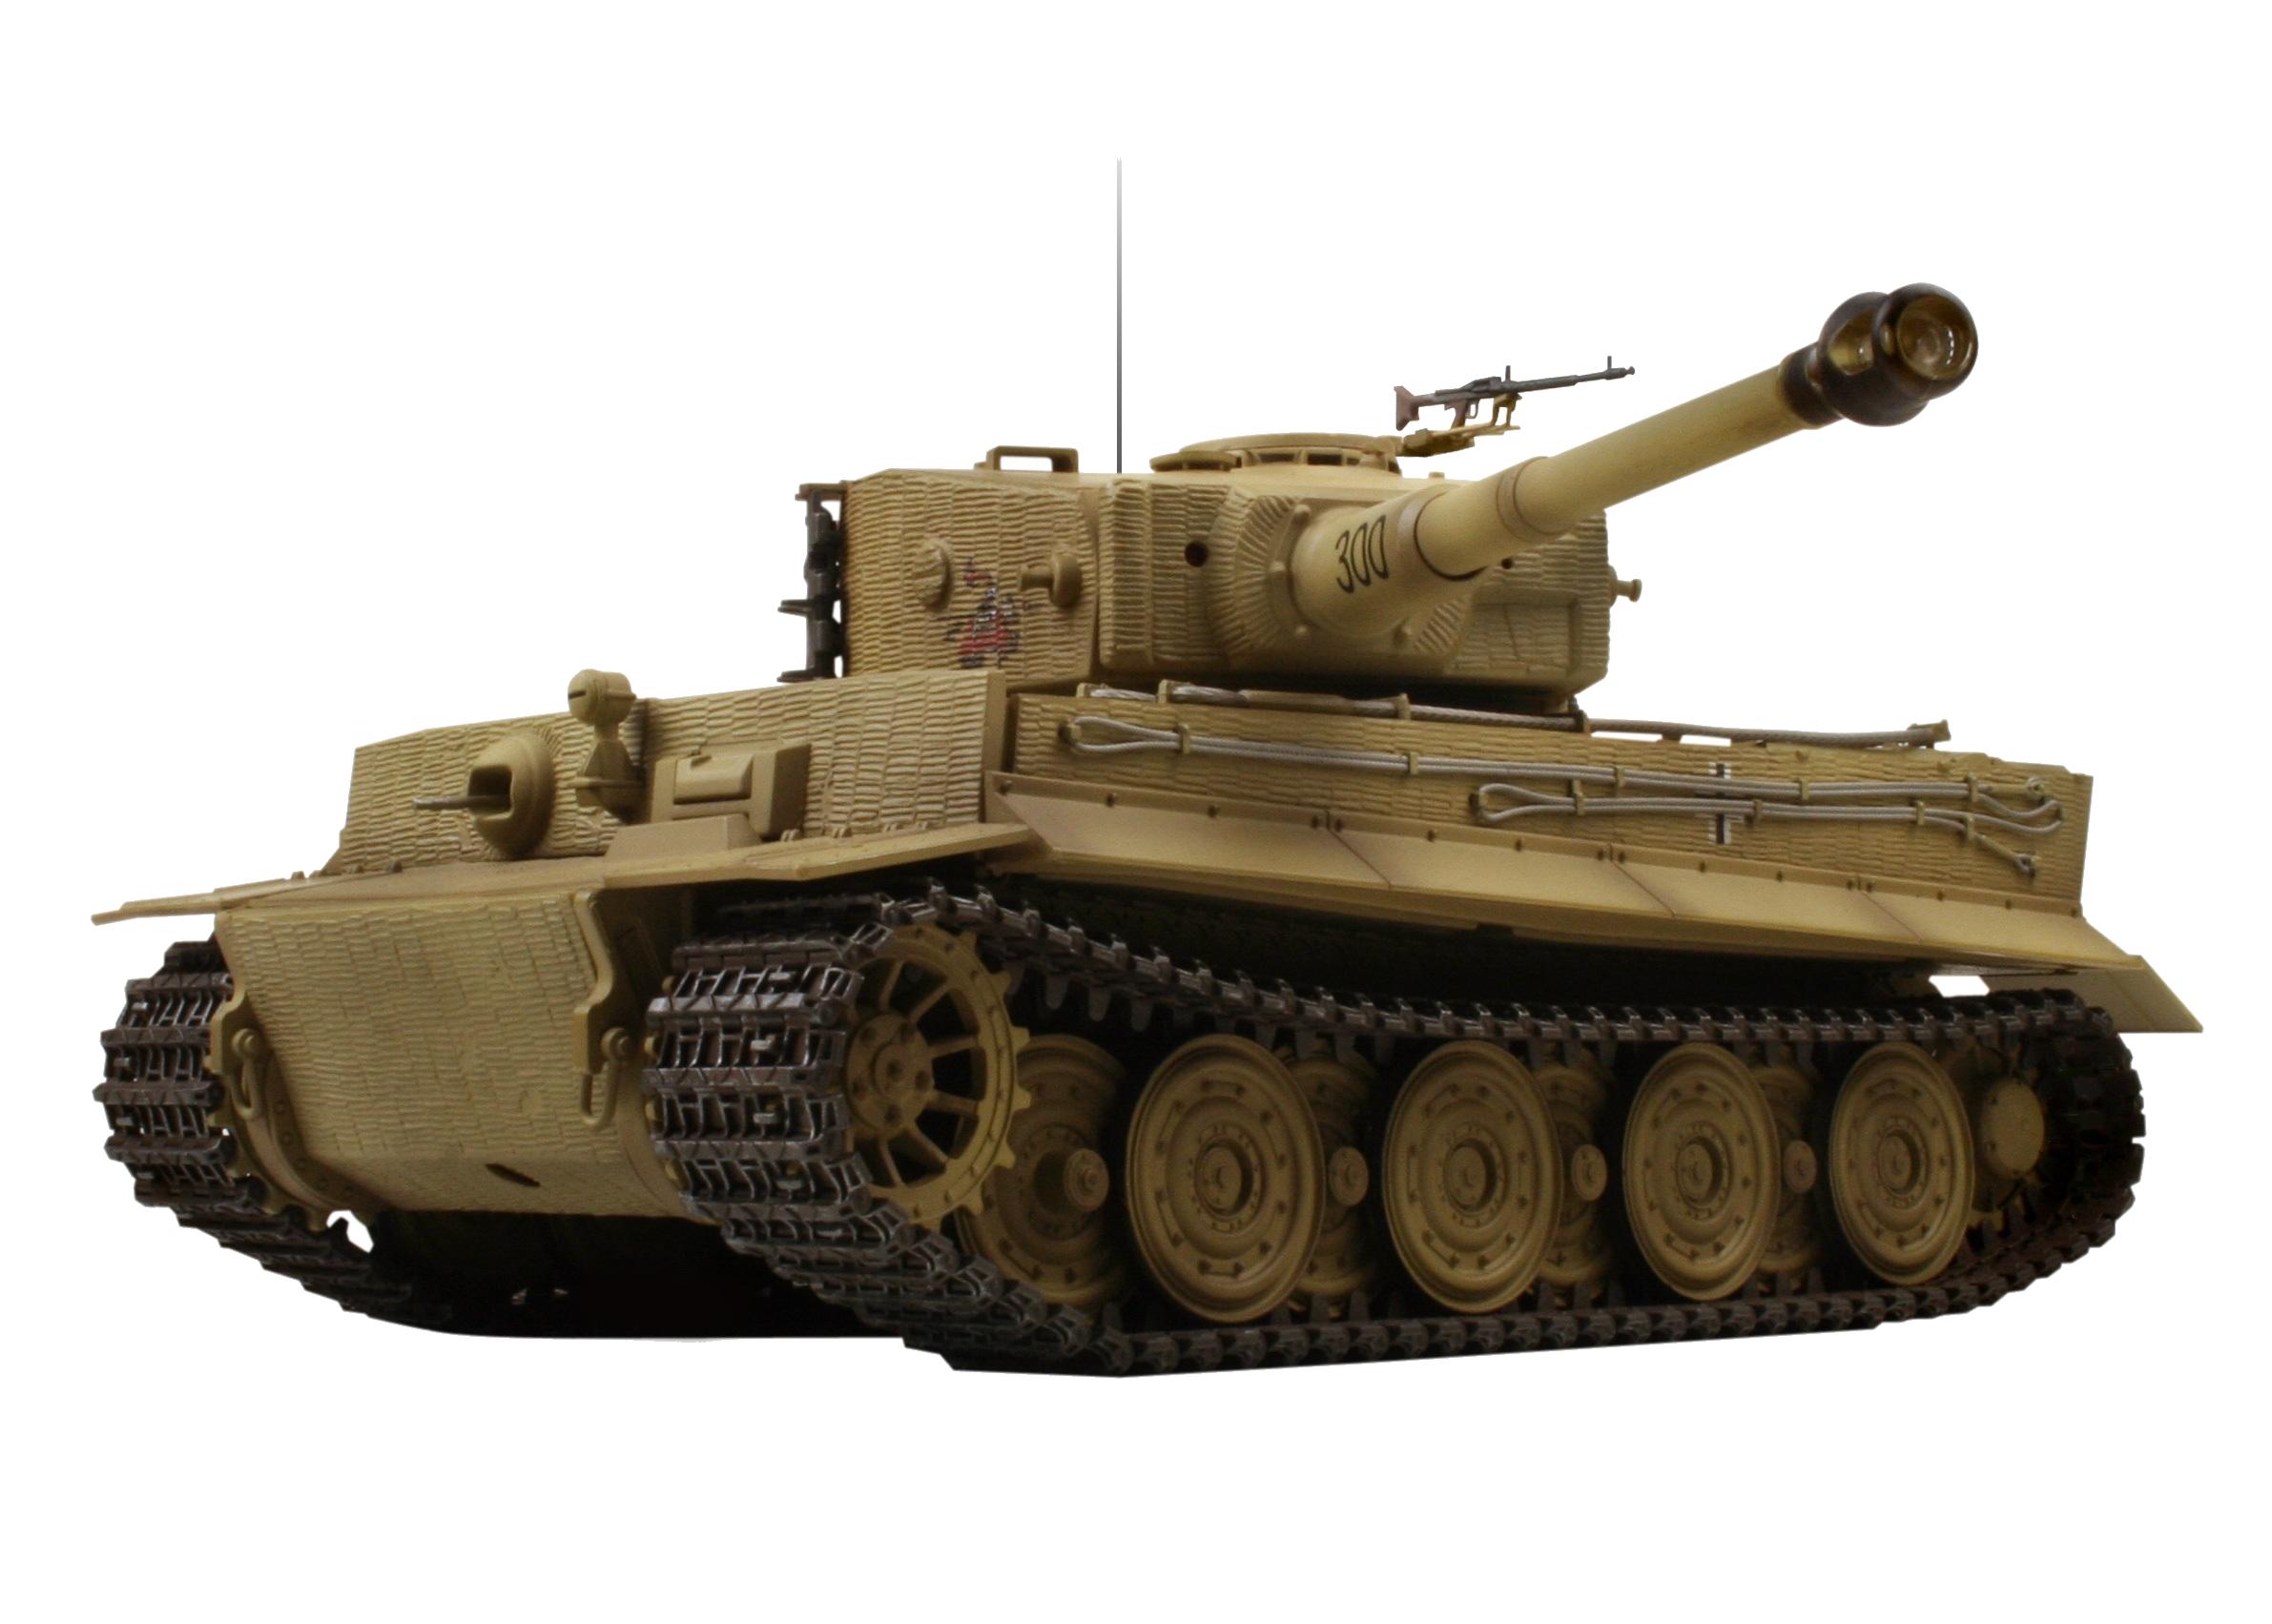 Aiming Tank